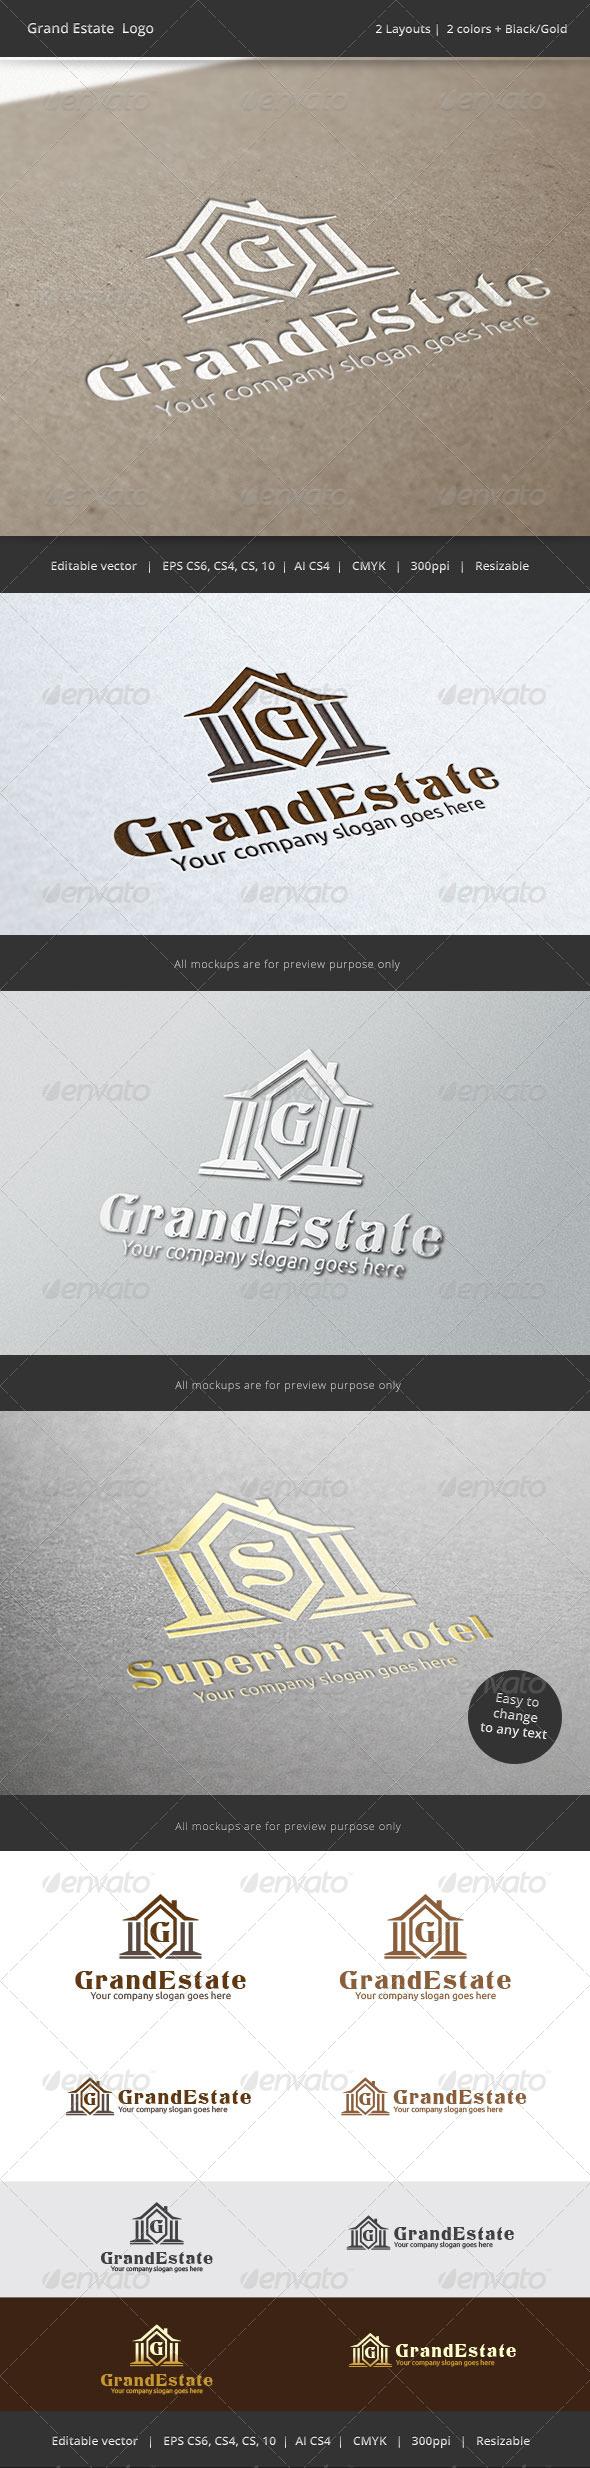 grand-estate